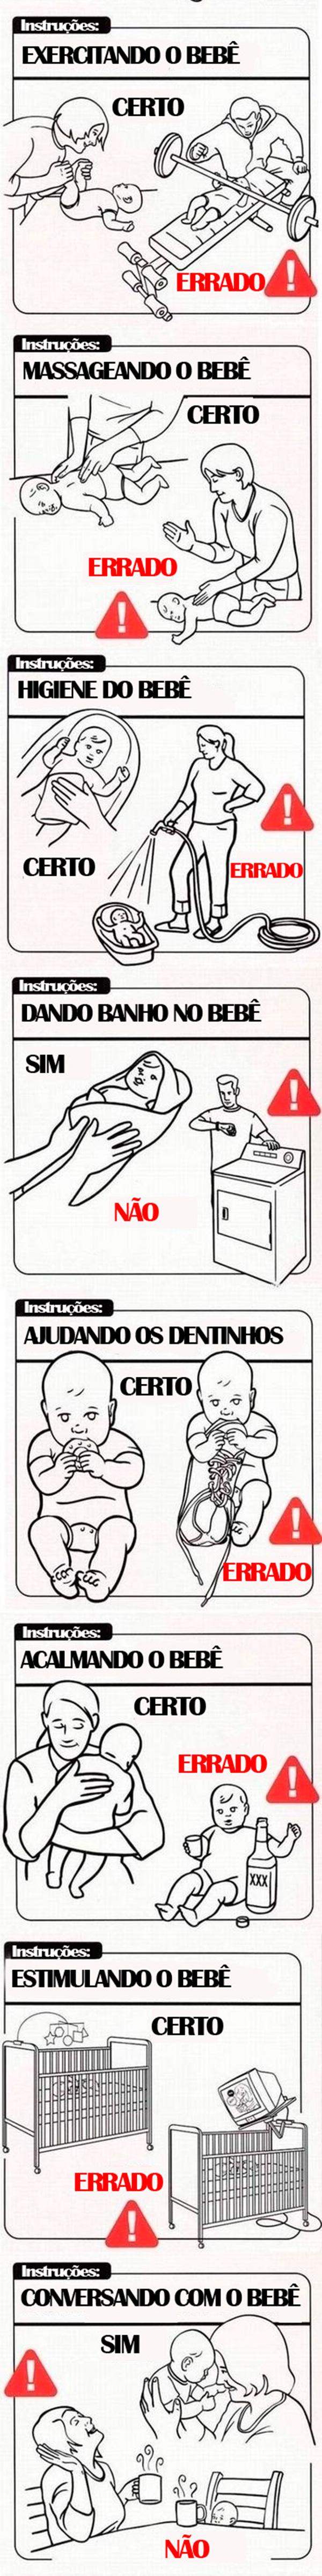 Cuidando de um bebê de maneira correta